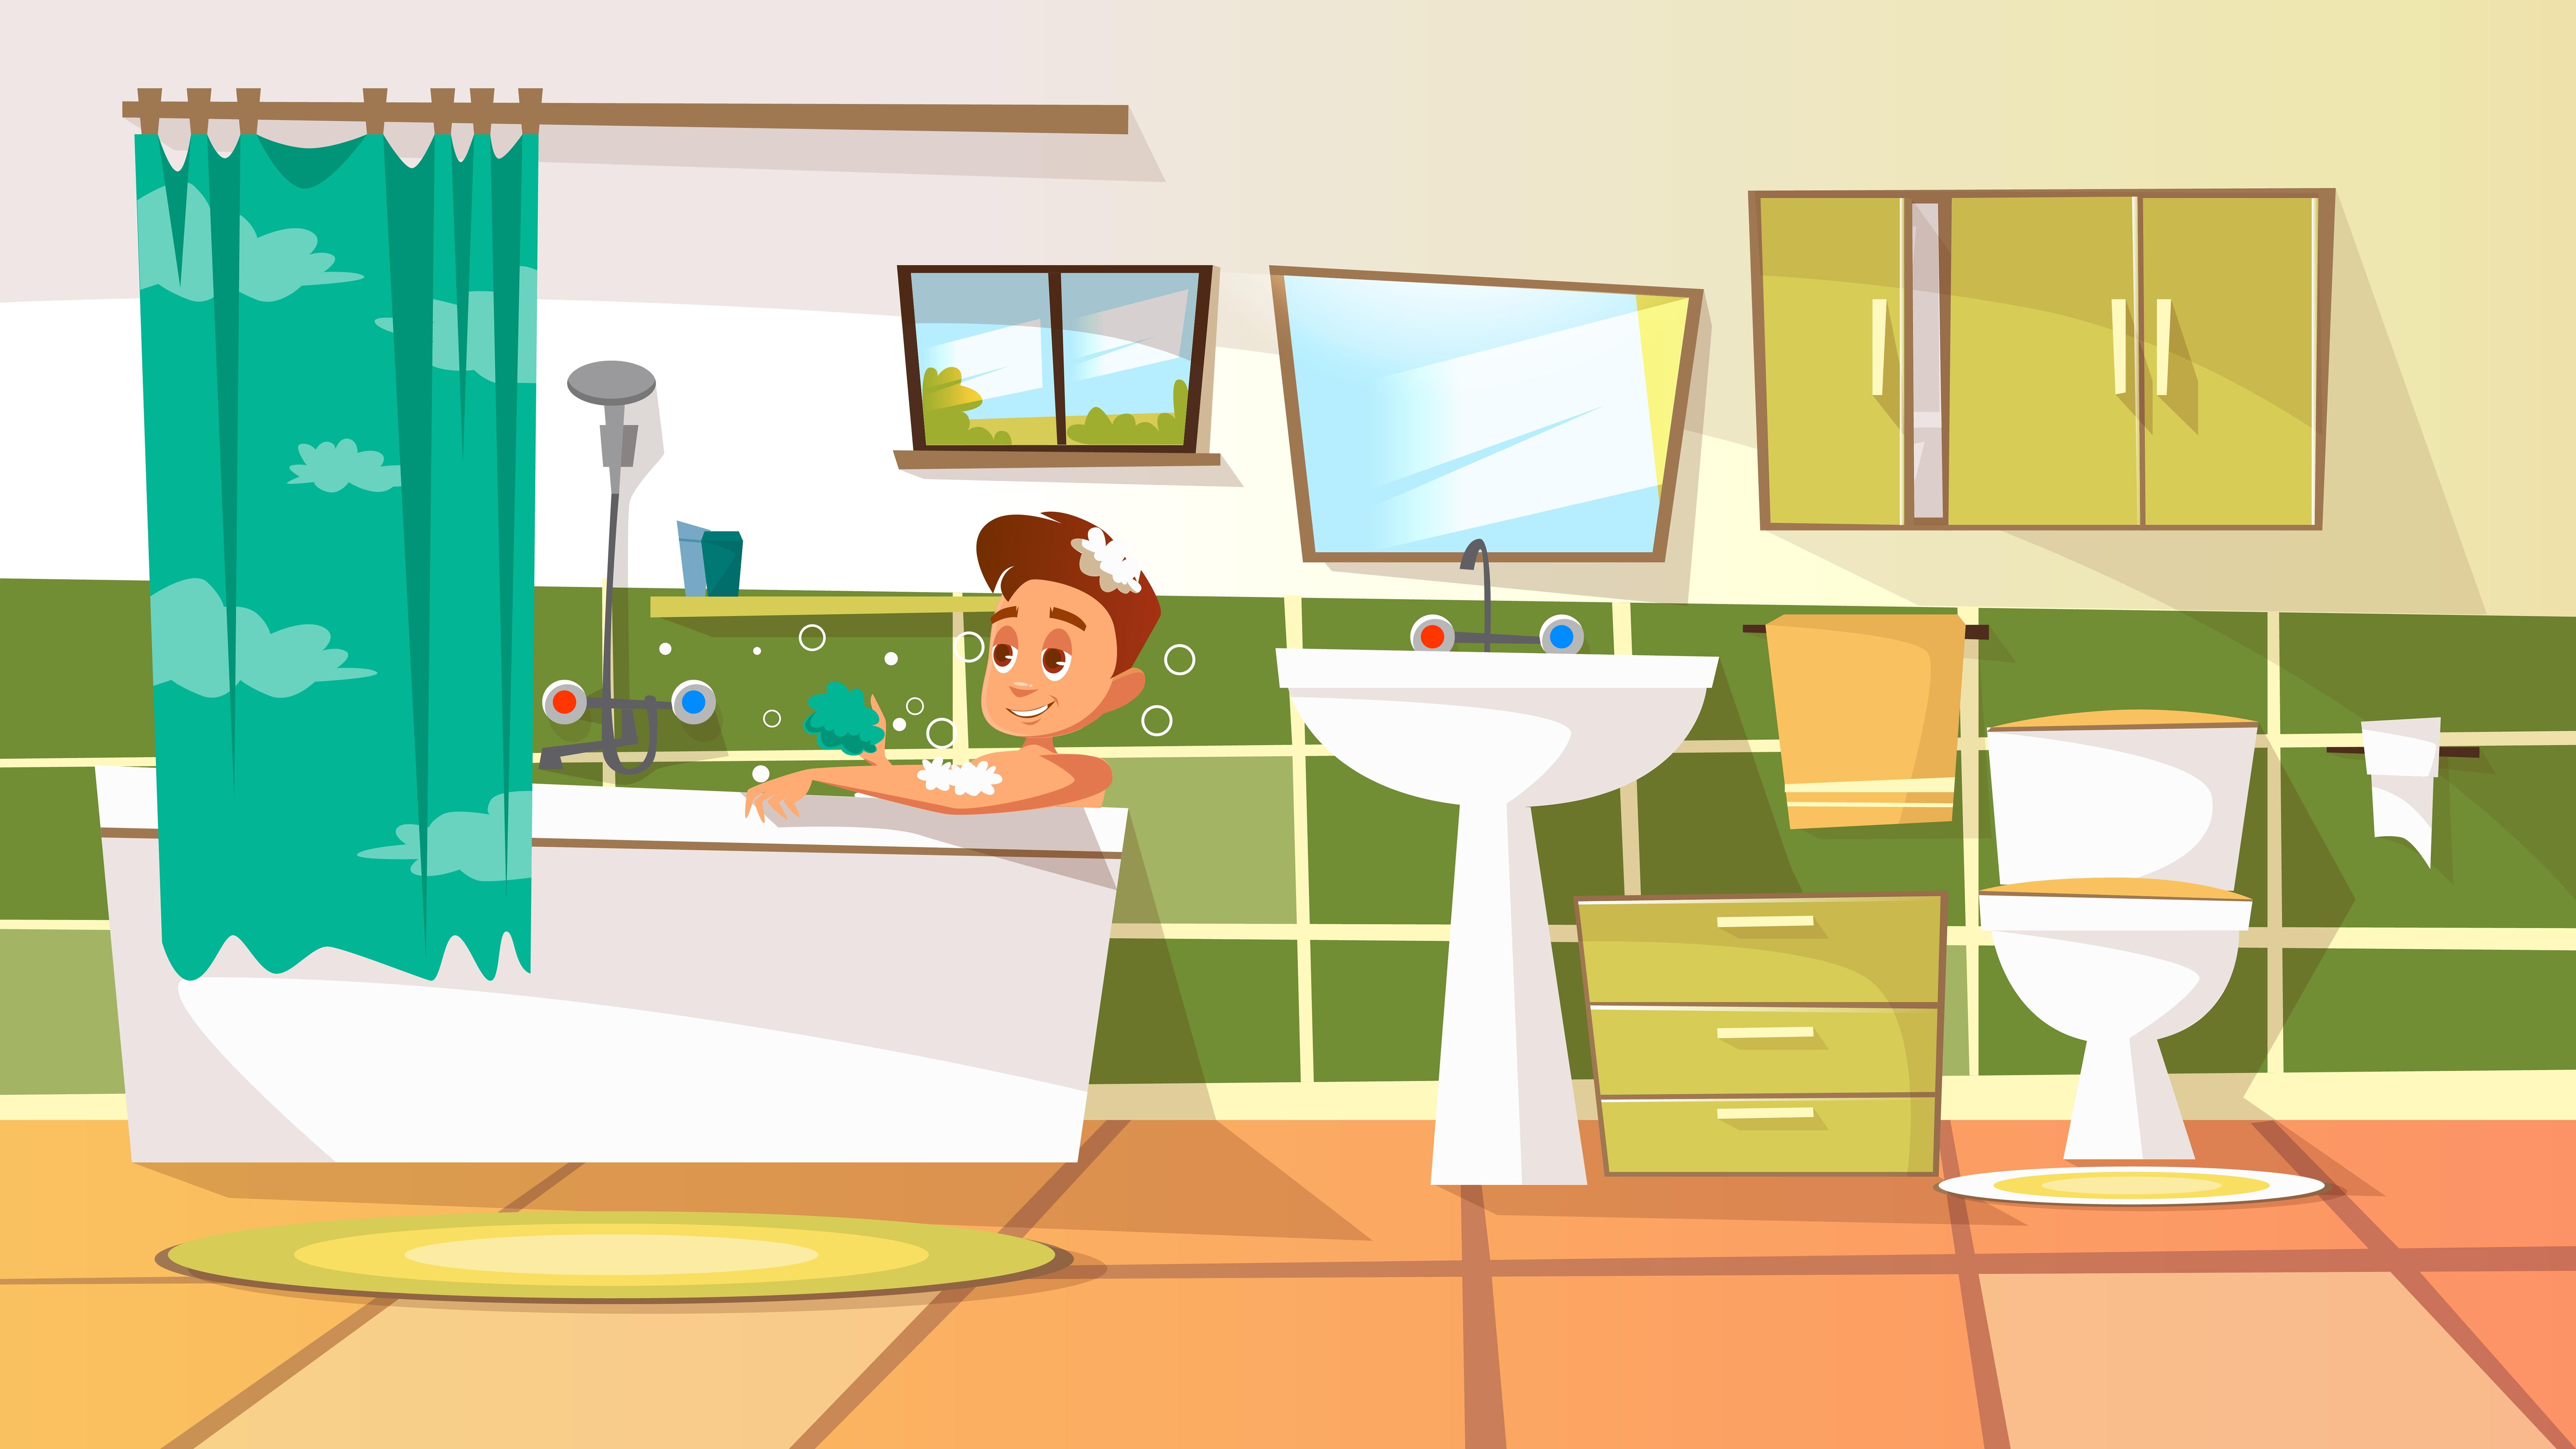 Master Bathroom Masterpieces: 15 Bathroom Design Ideas for ...